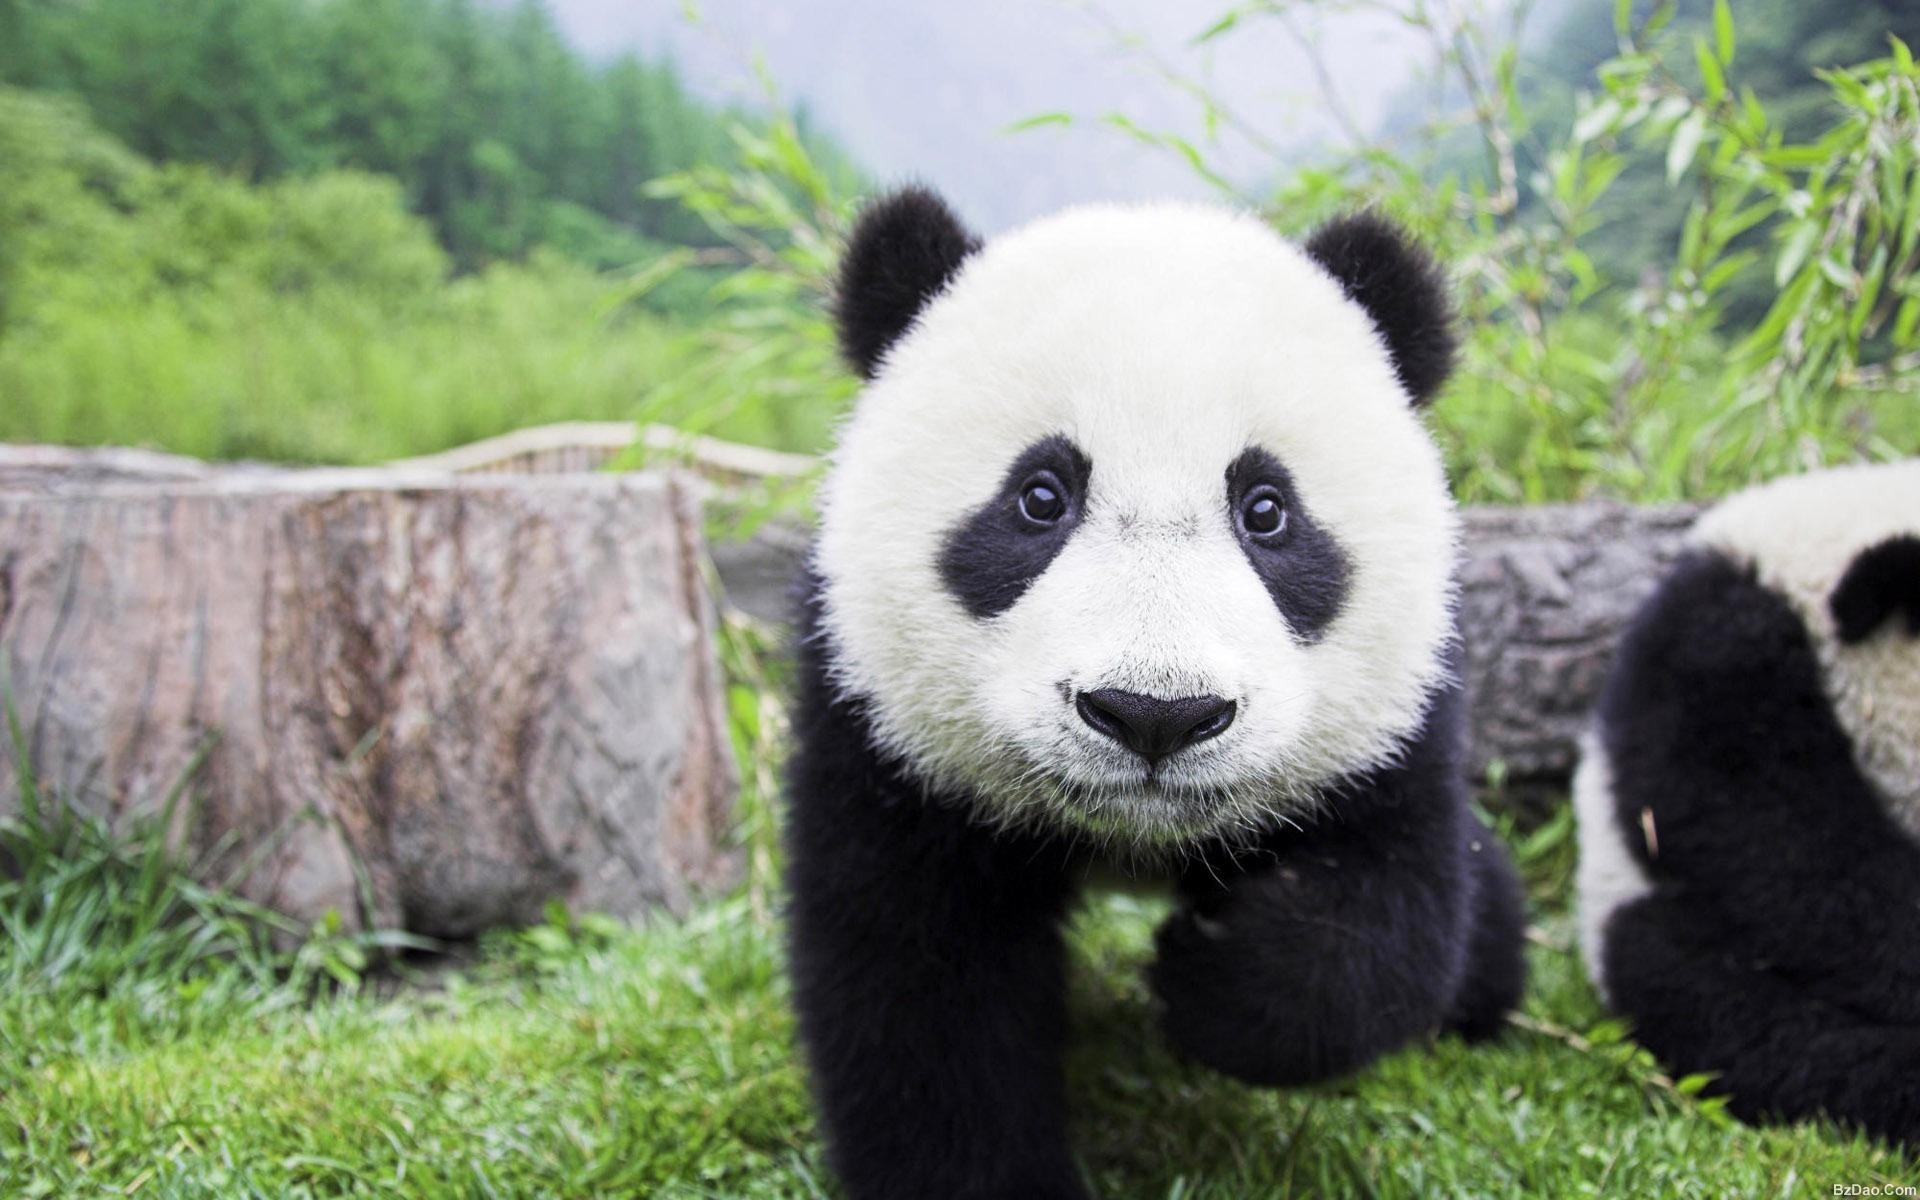 壁纸 大熊猫 动物 1920_1200